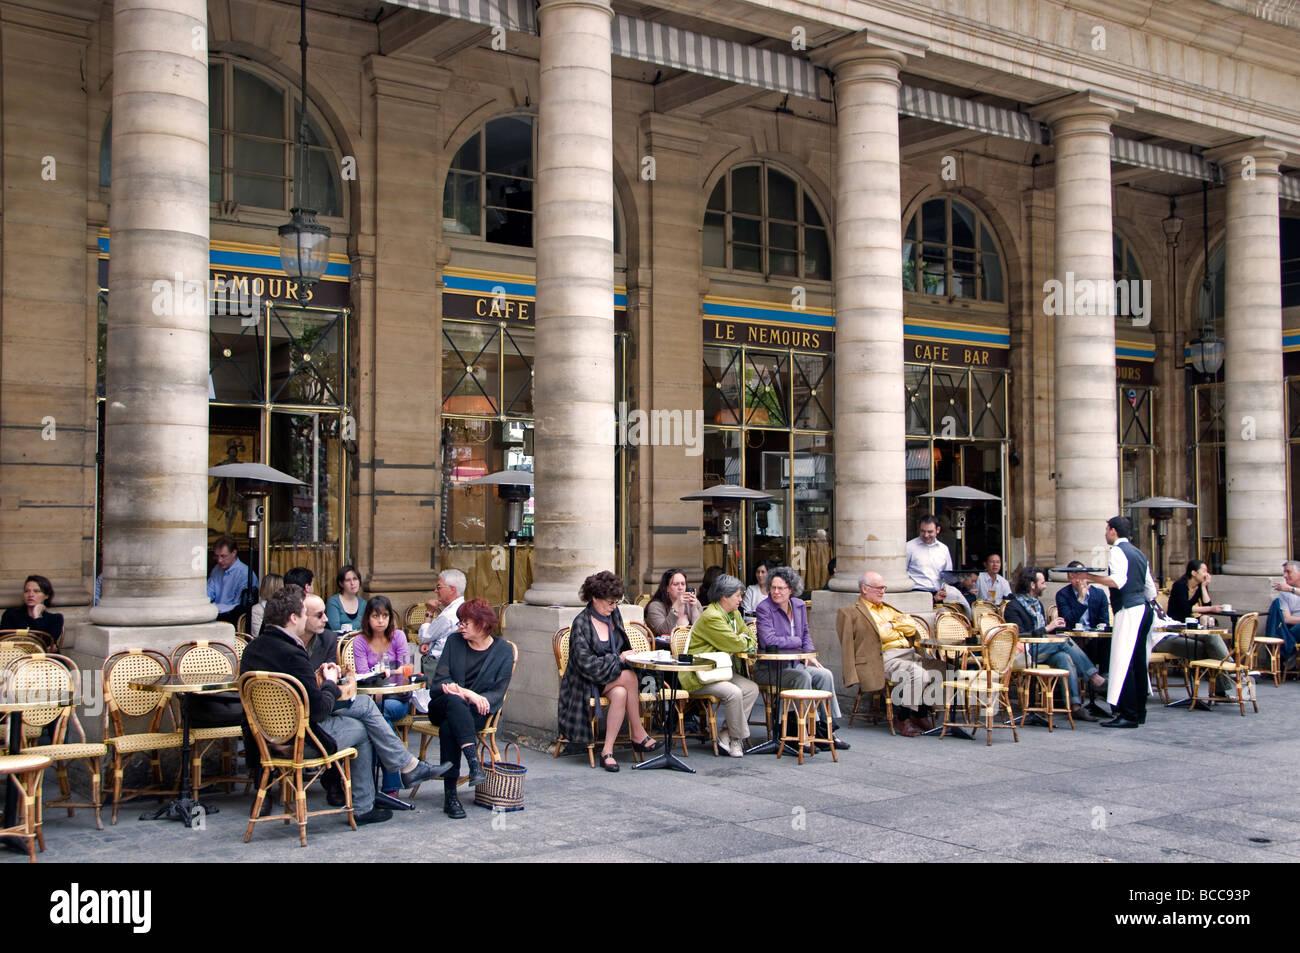 Place du Palais Royal Paris Restaurant Cafe Bar Pub - Stock Image